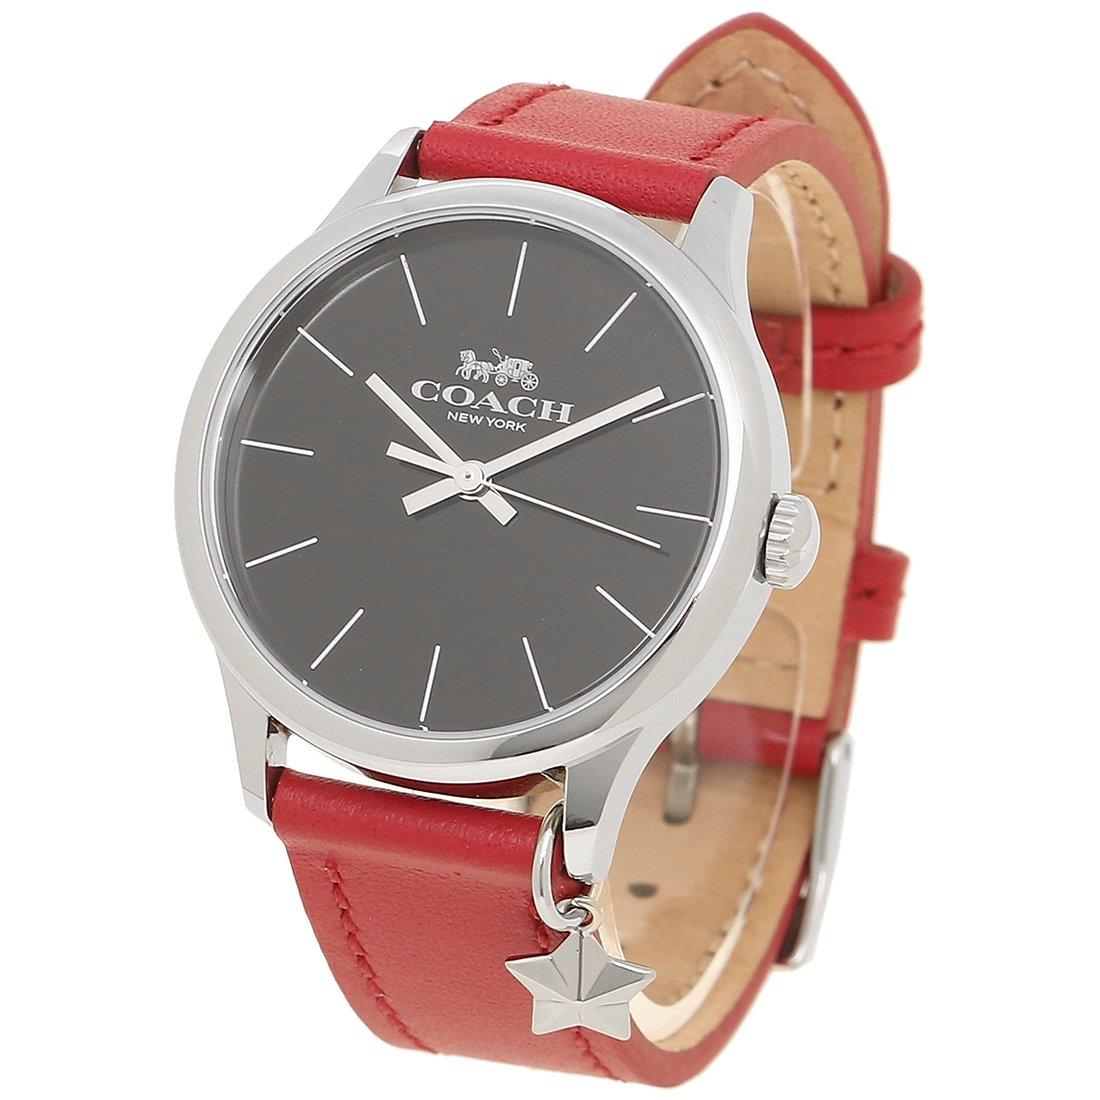 8899065a7bfe Amazon   [コーチ] 腕時計 レディース アウトレット COACH W1549 RD/BK レッド ブラック シルバー [並行輸入品]   並行 輸入品・逆輸入品・中古品(レディース) ...